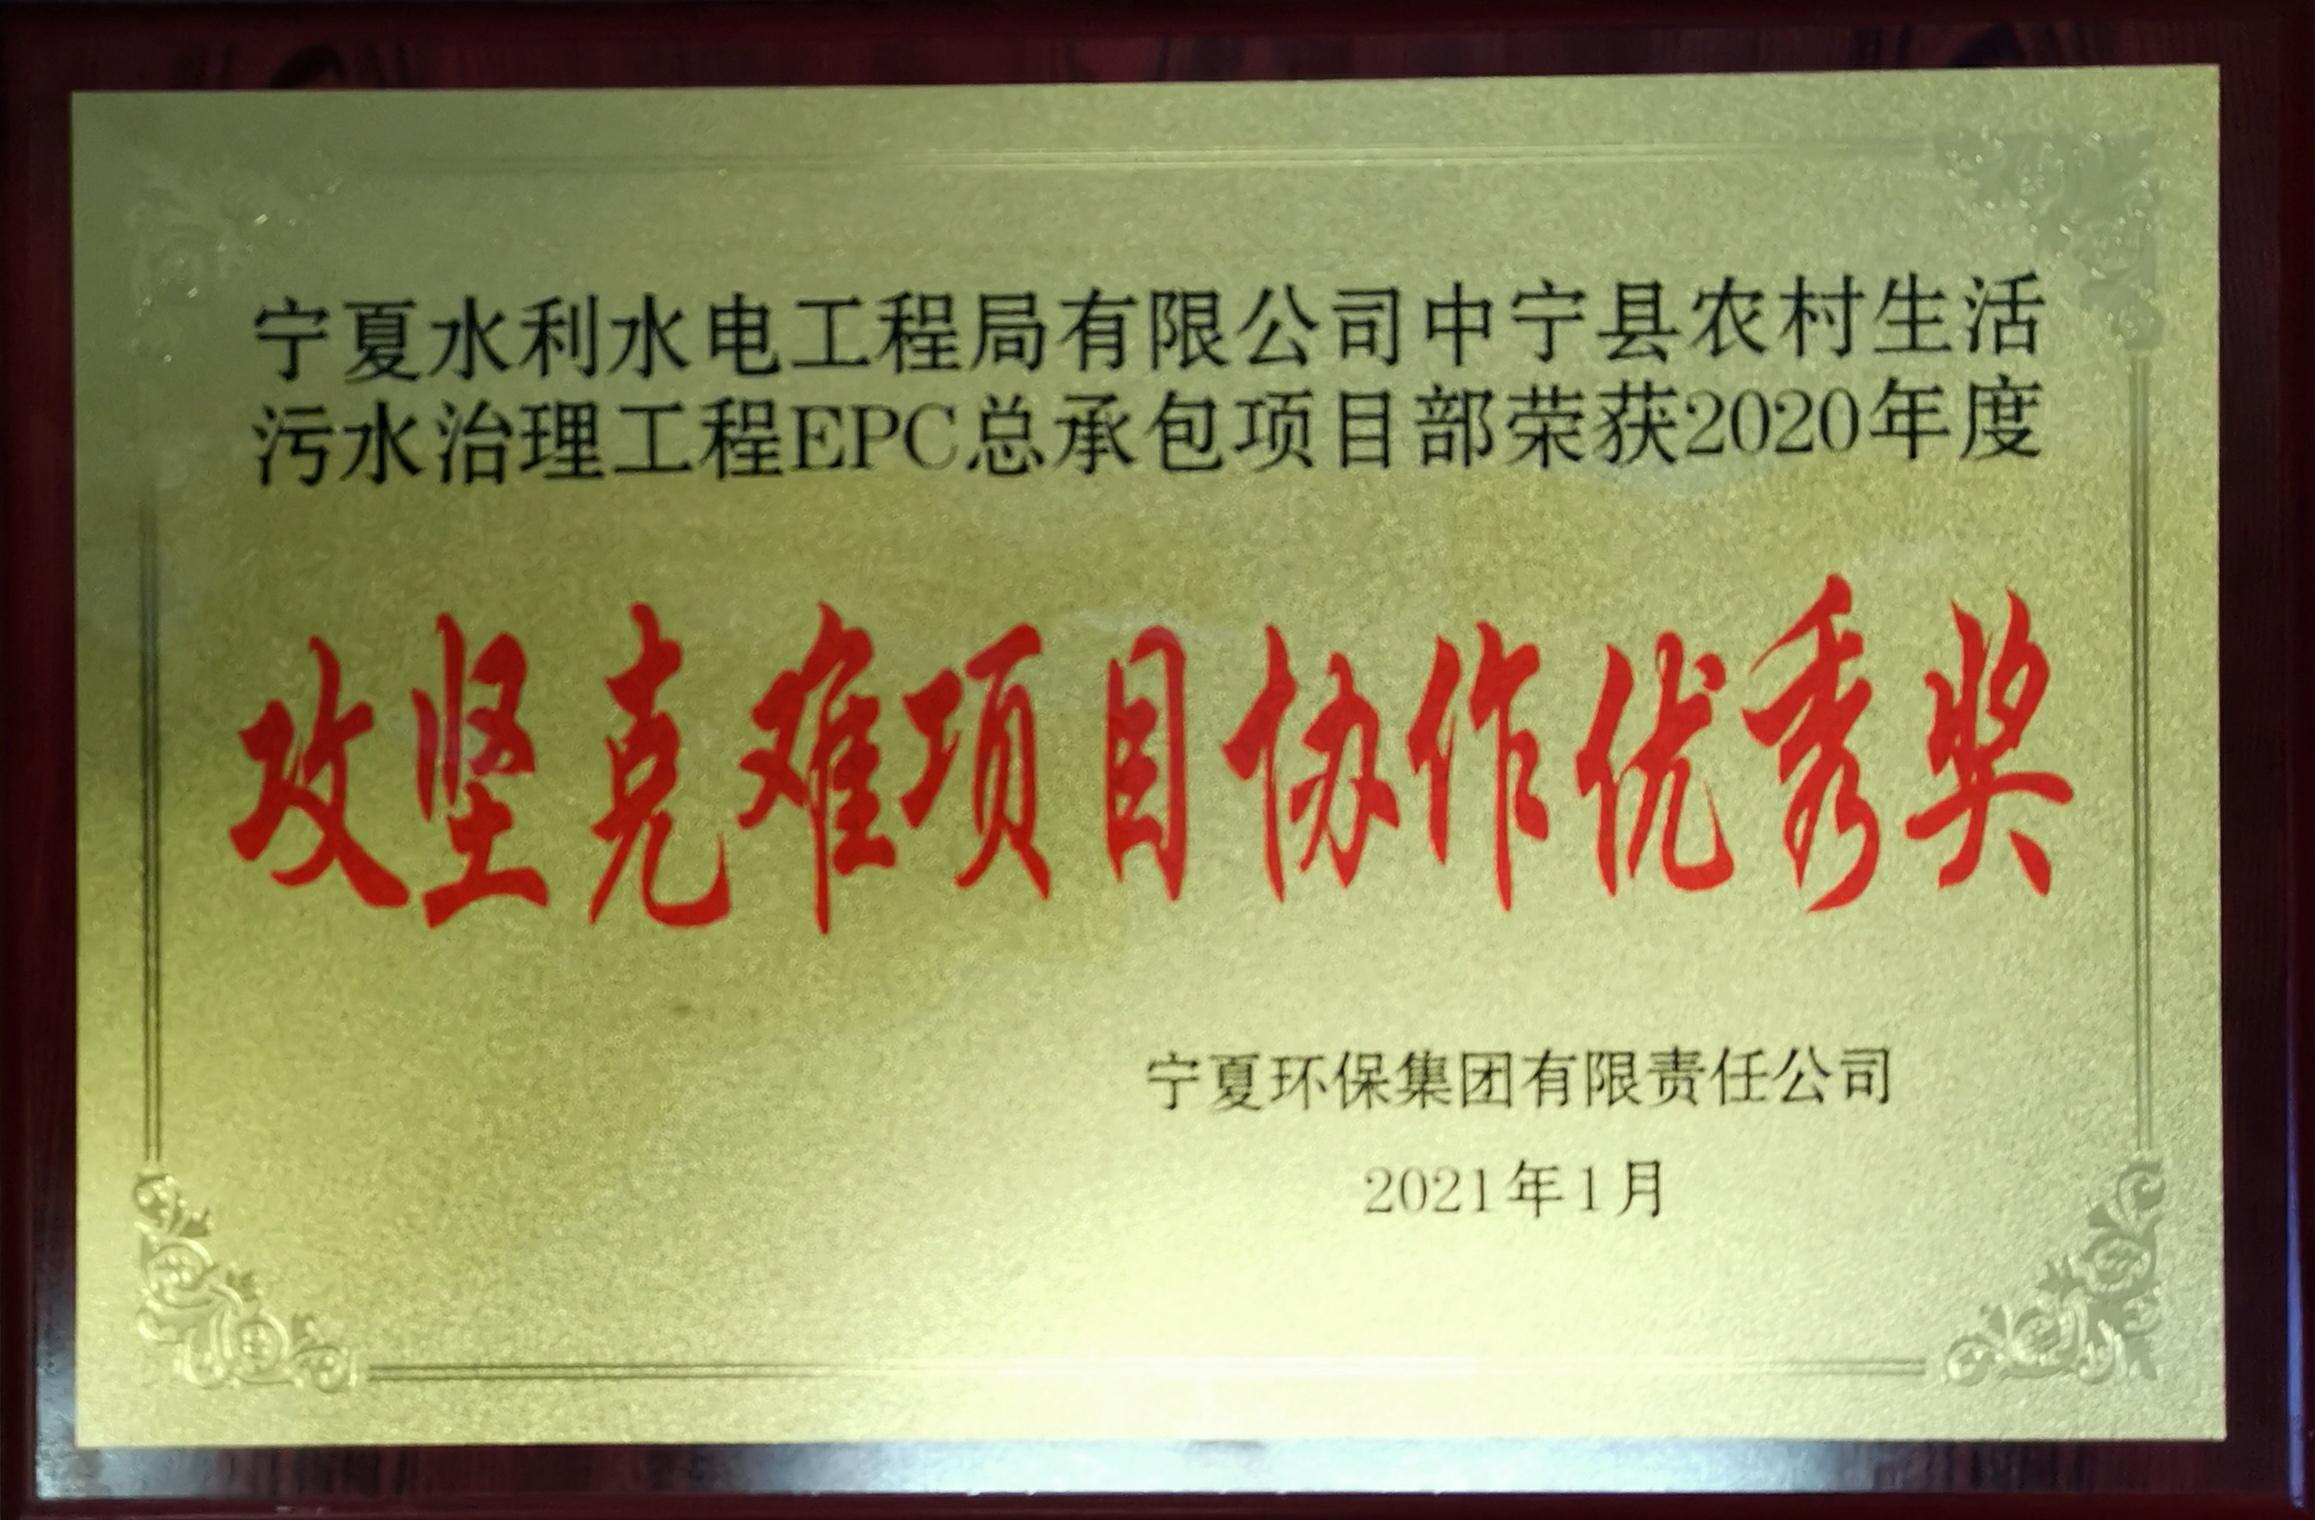 """高效推进""""厕所革命""""助力中宁县美丽乡村建设 为农民的的幸福生活""""加码"""""""